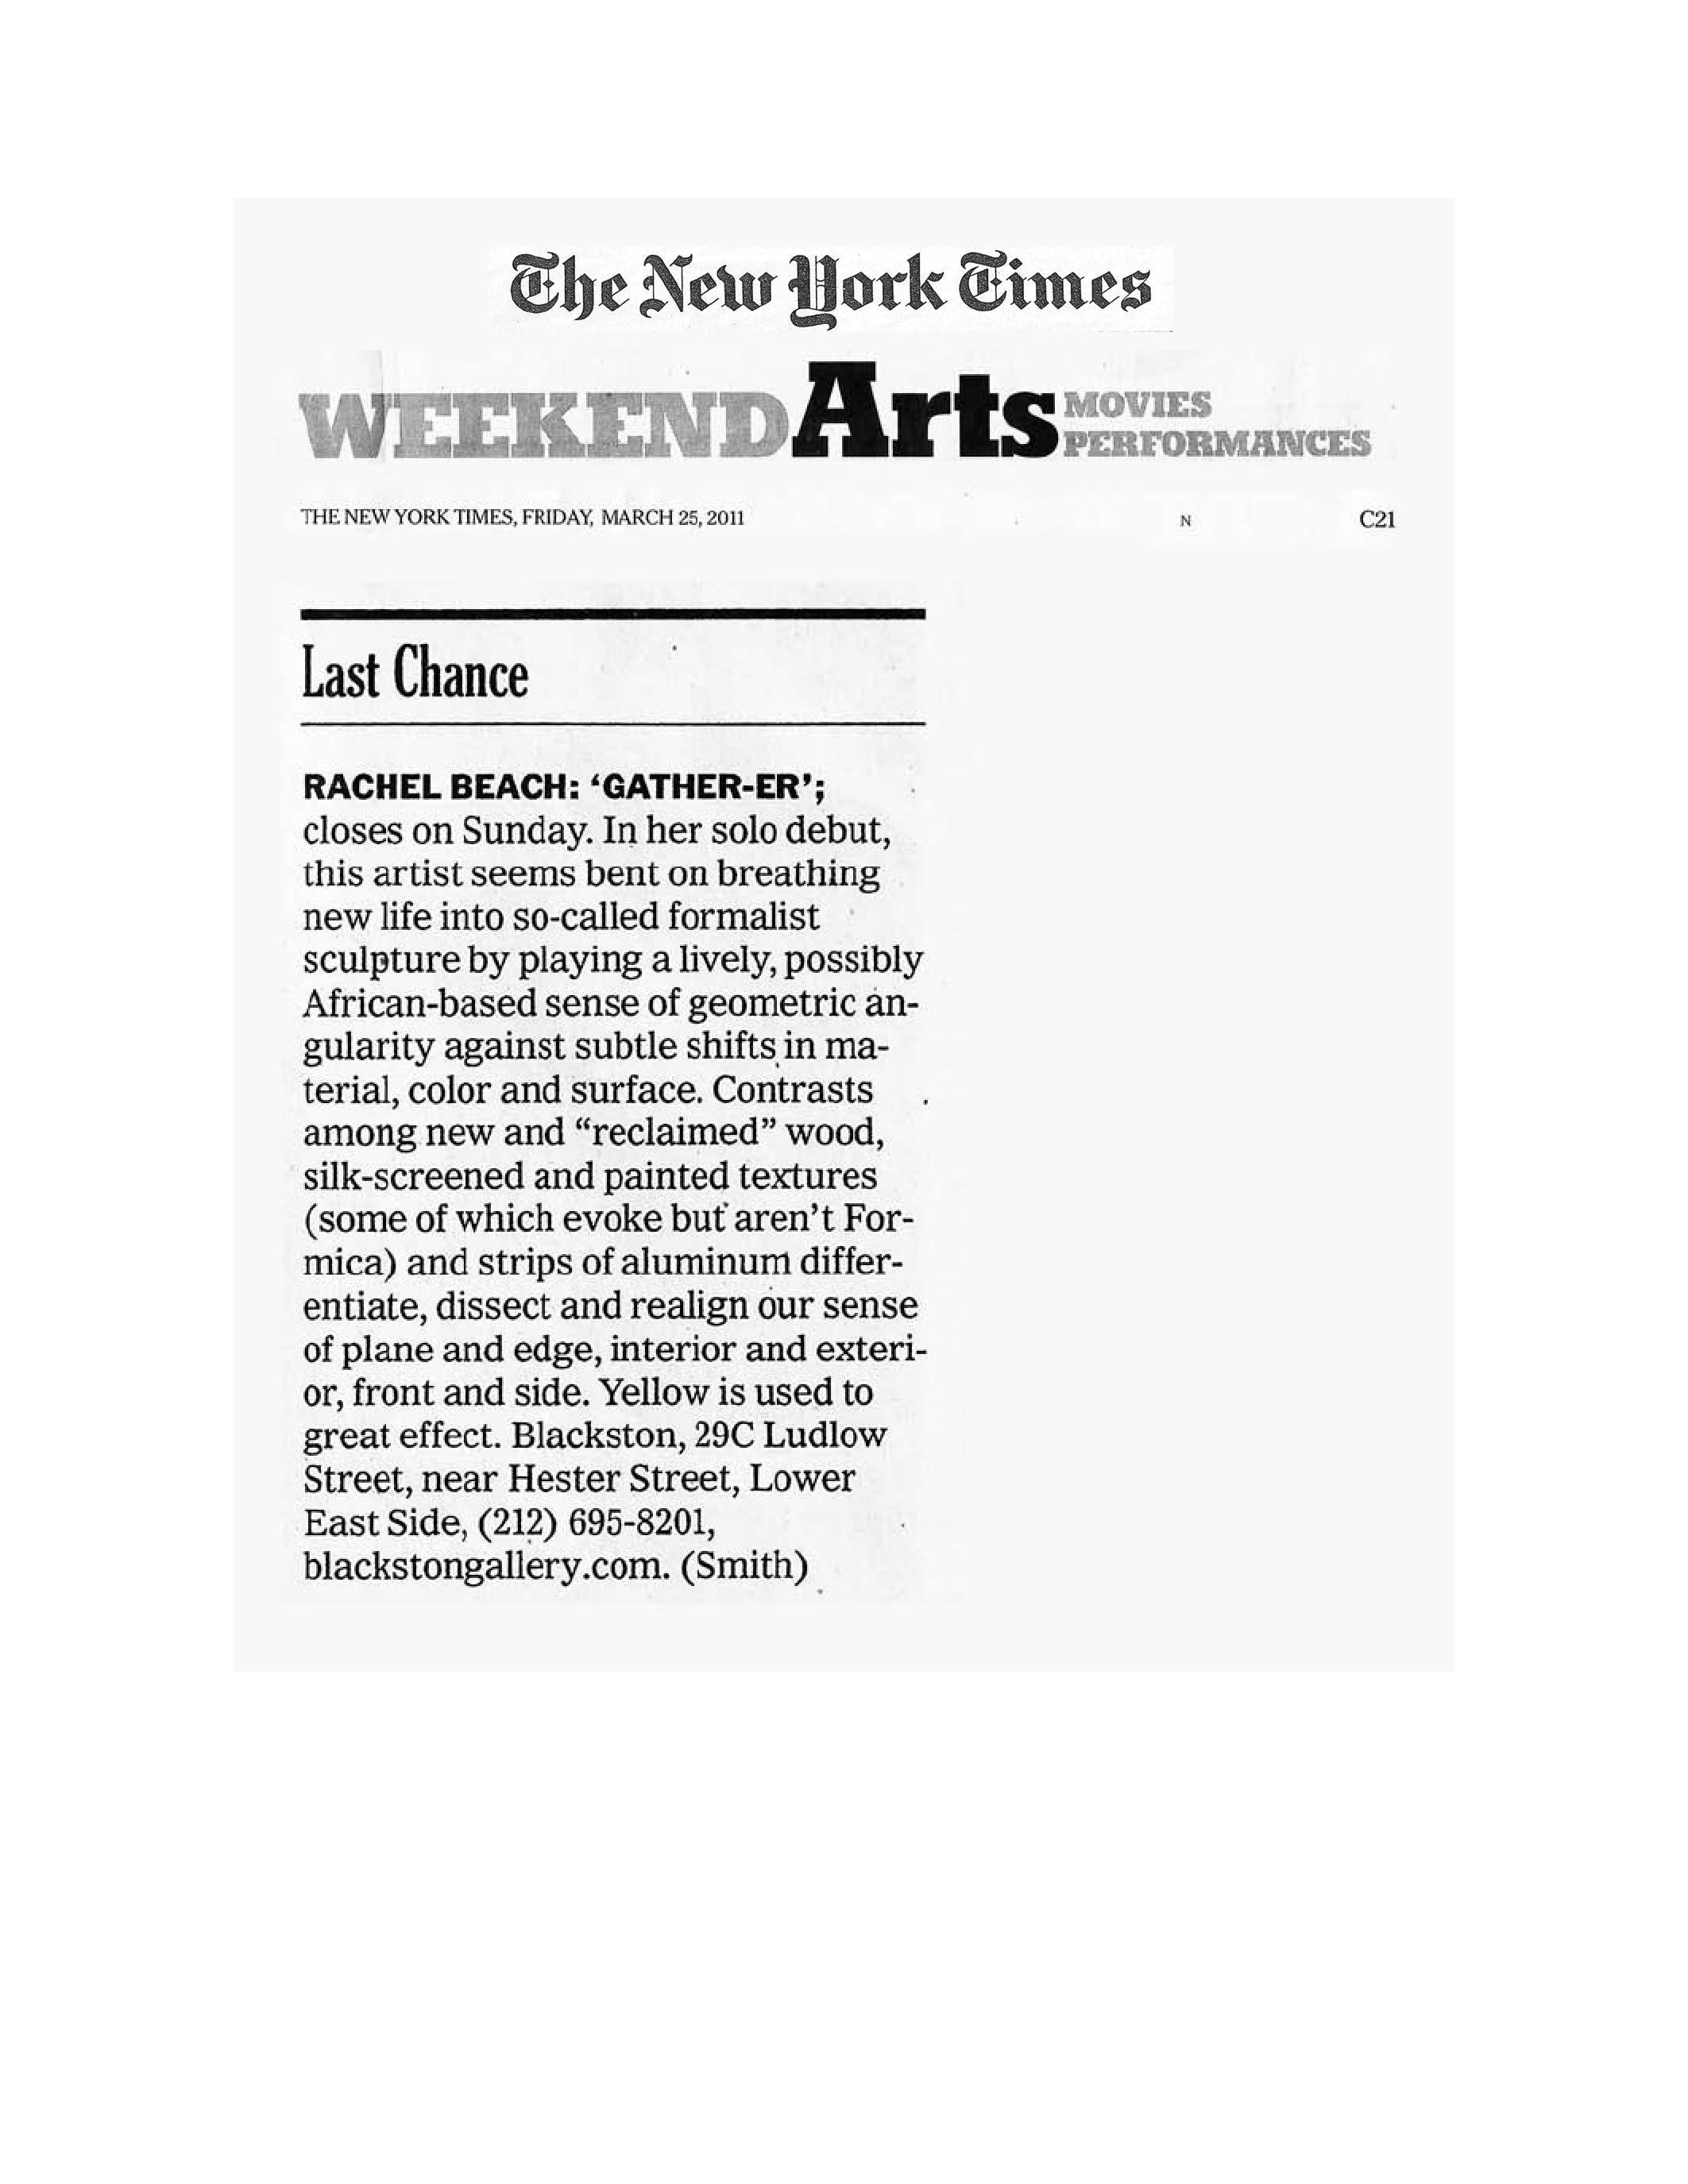 Rachel Beach New York Times.jpg